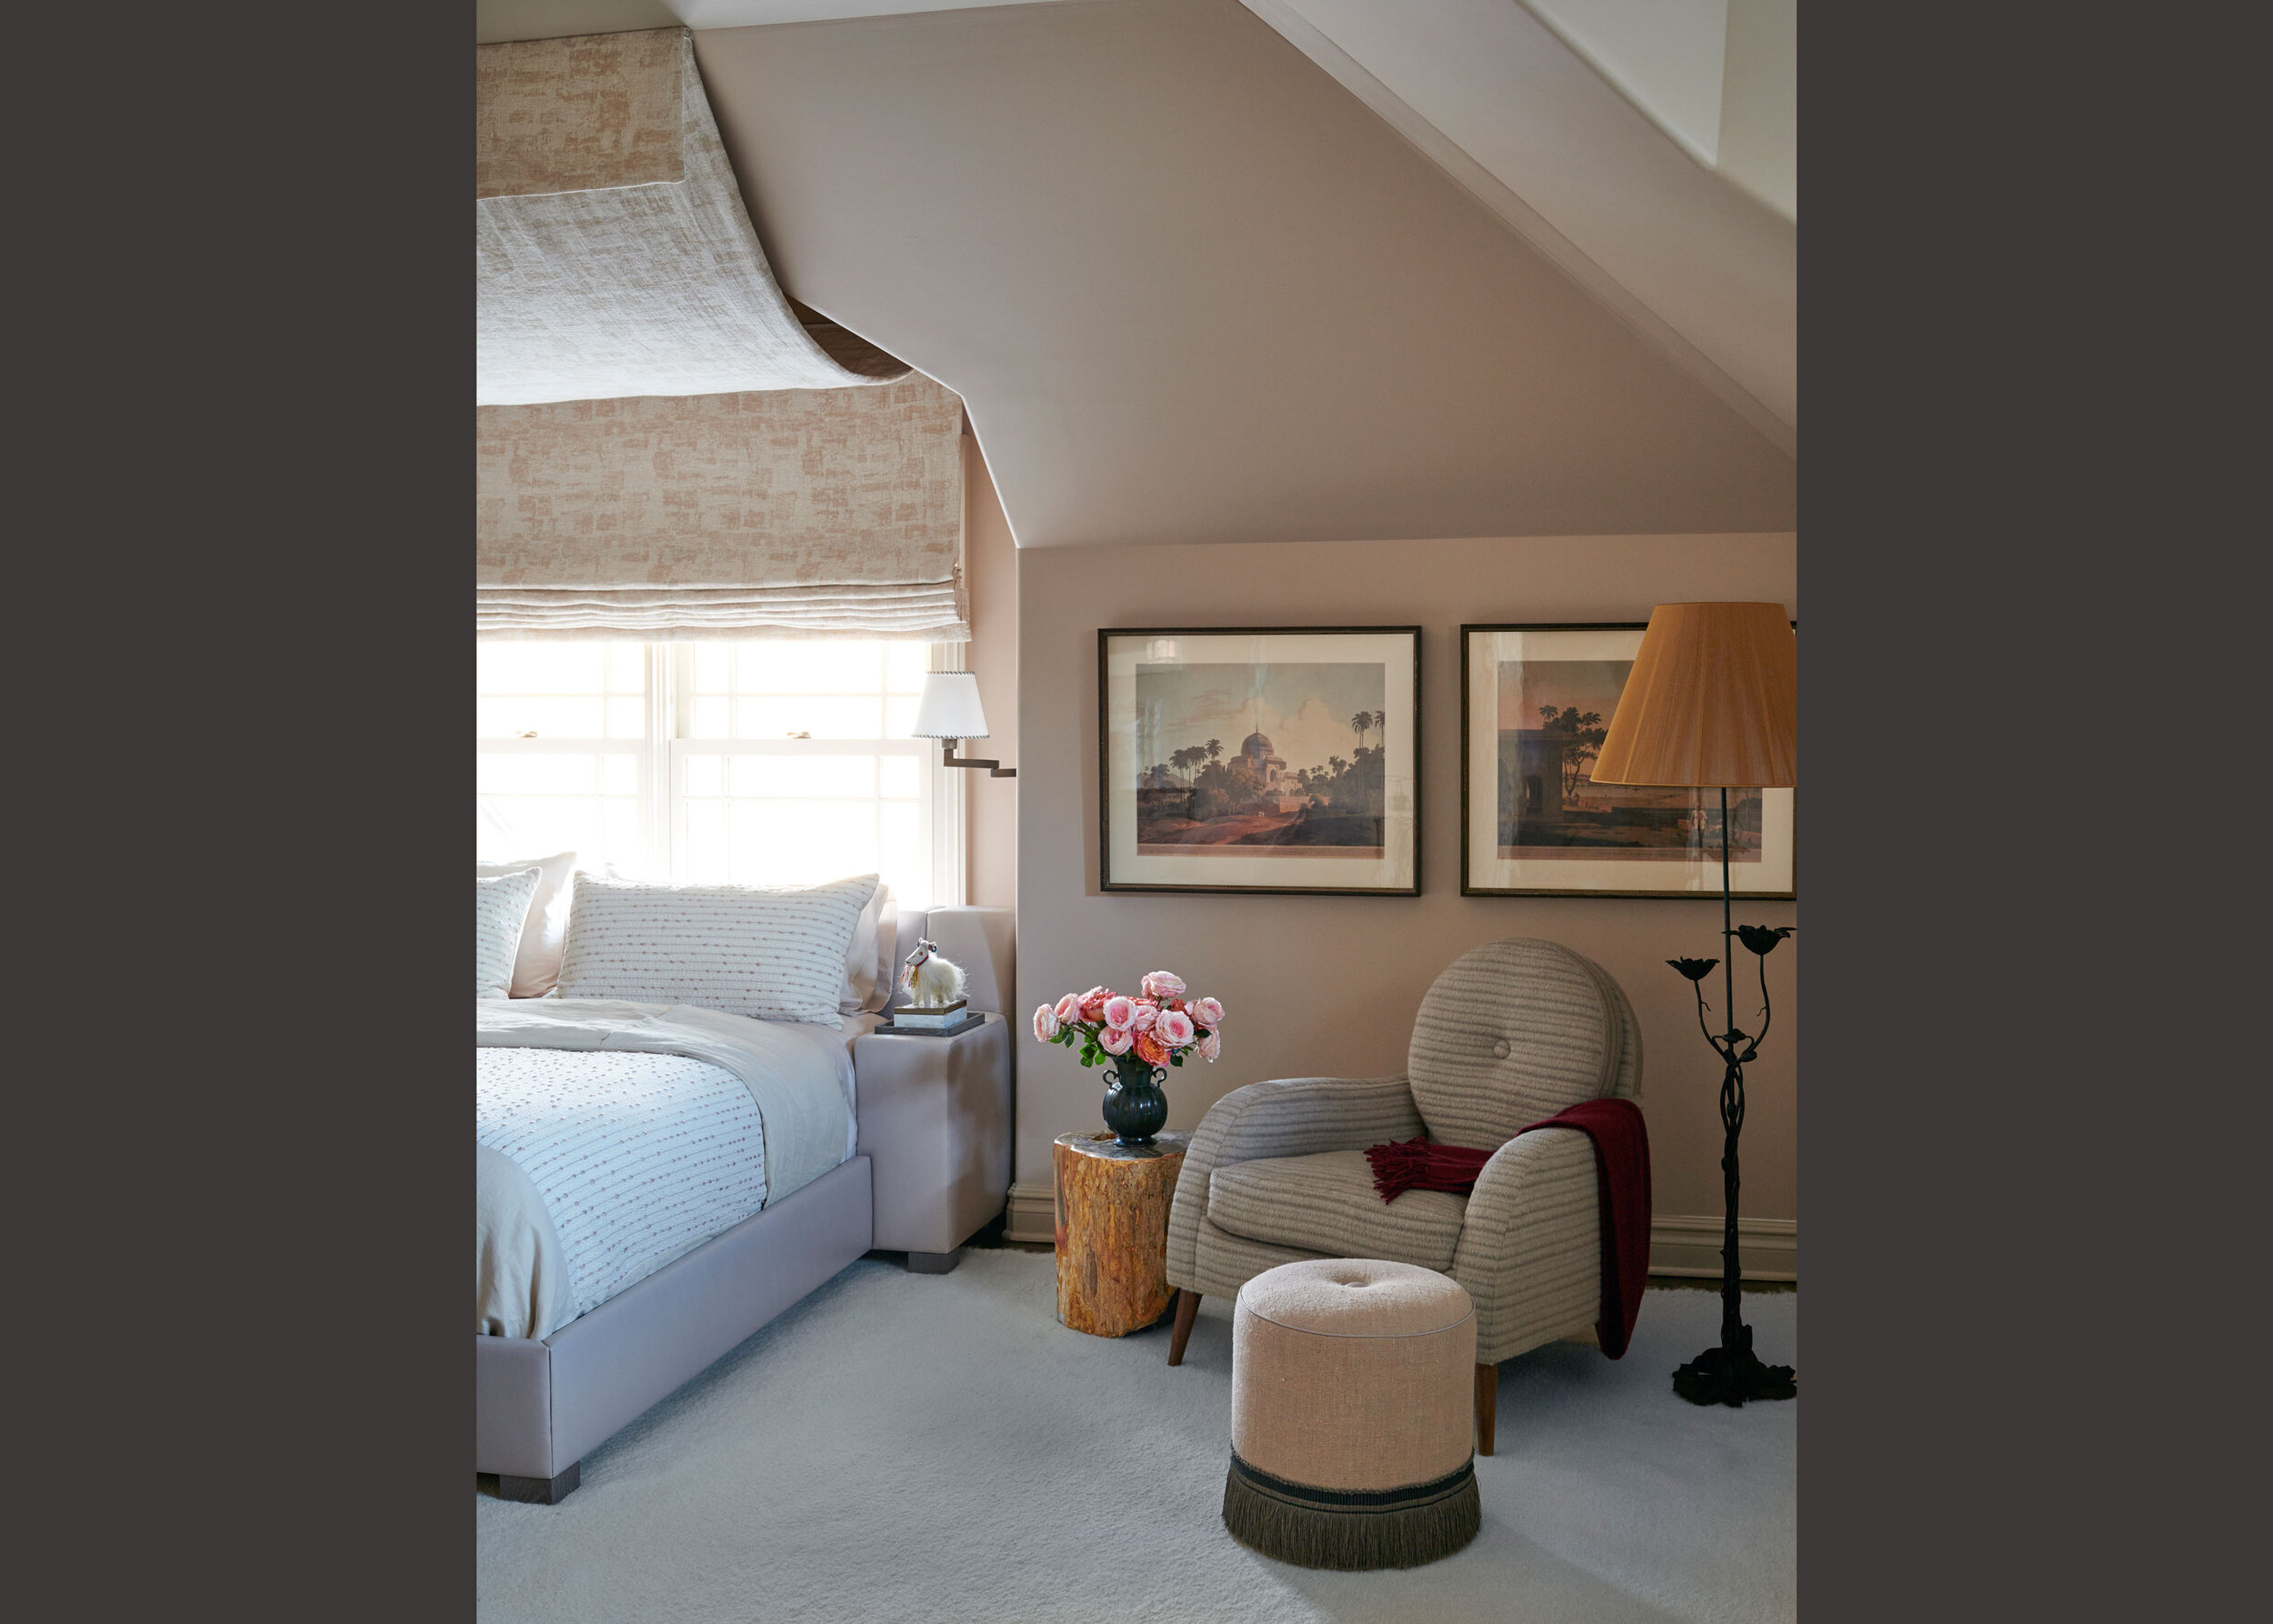 11-WMI---Guest-Bedroom-1.jpg